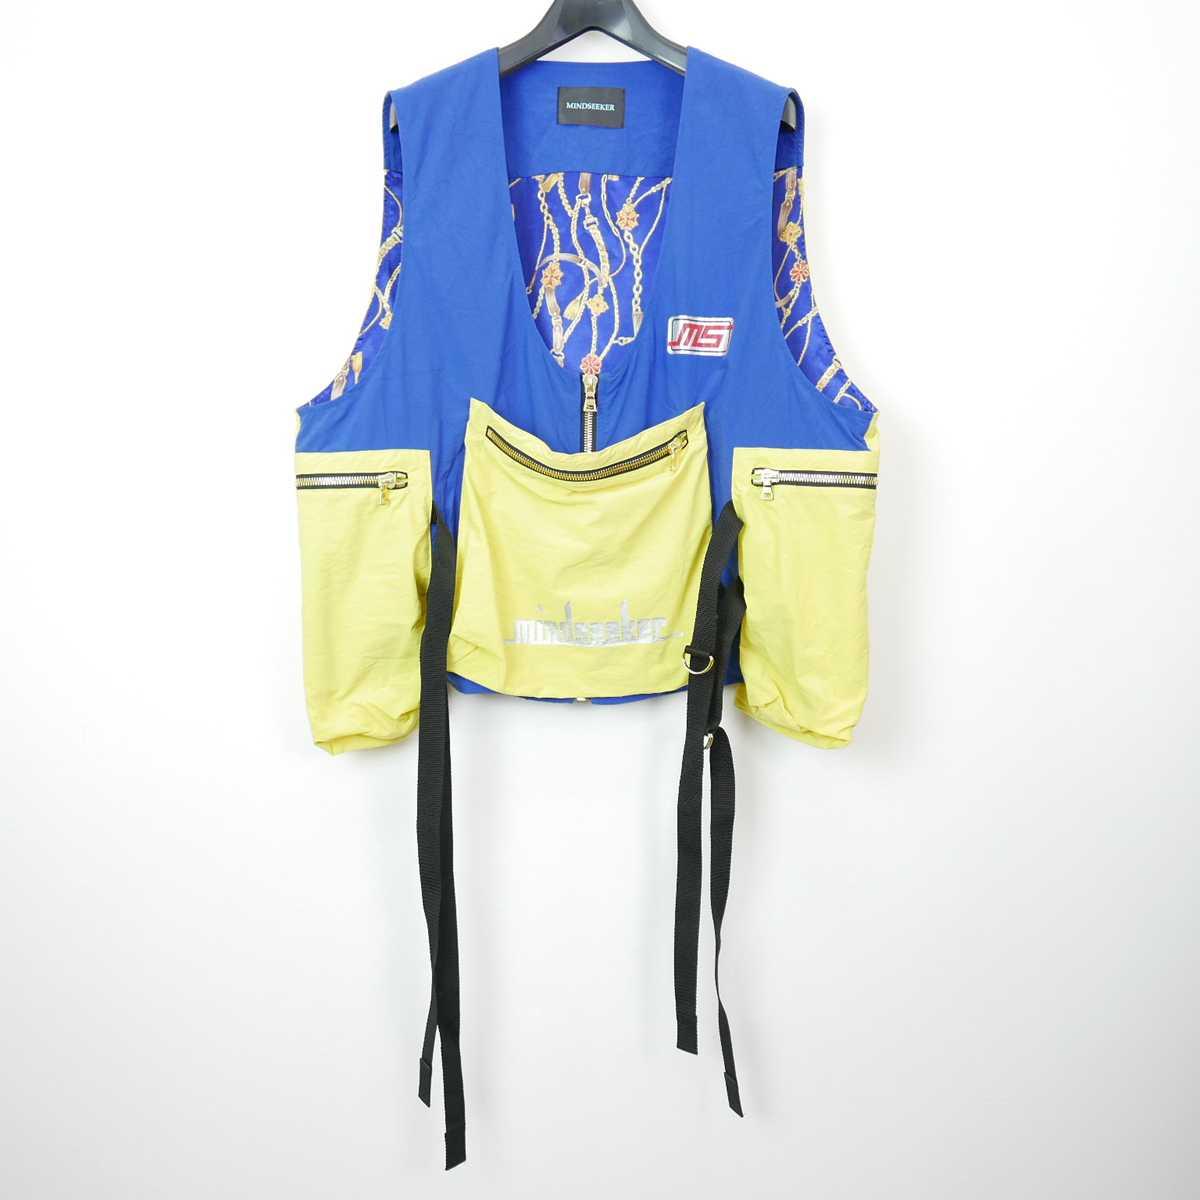 19SS MINDSEEKER マインドシーカー Nylon Fisherman Vest ナイロン フィッシャーマン ベスト BLUE/YELLOW F 【中古】 DN-11500